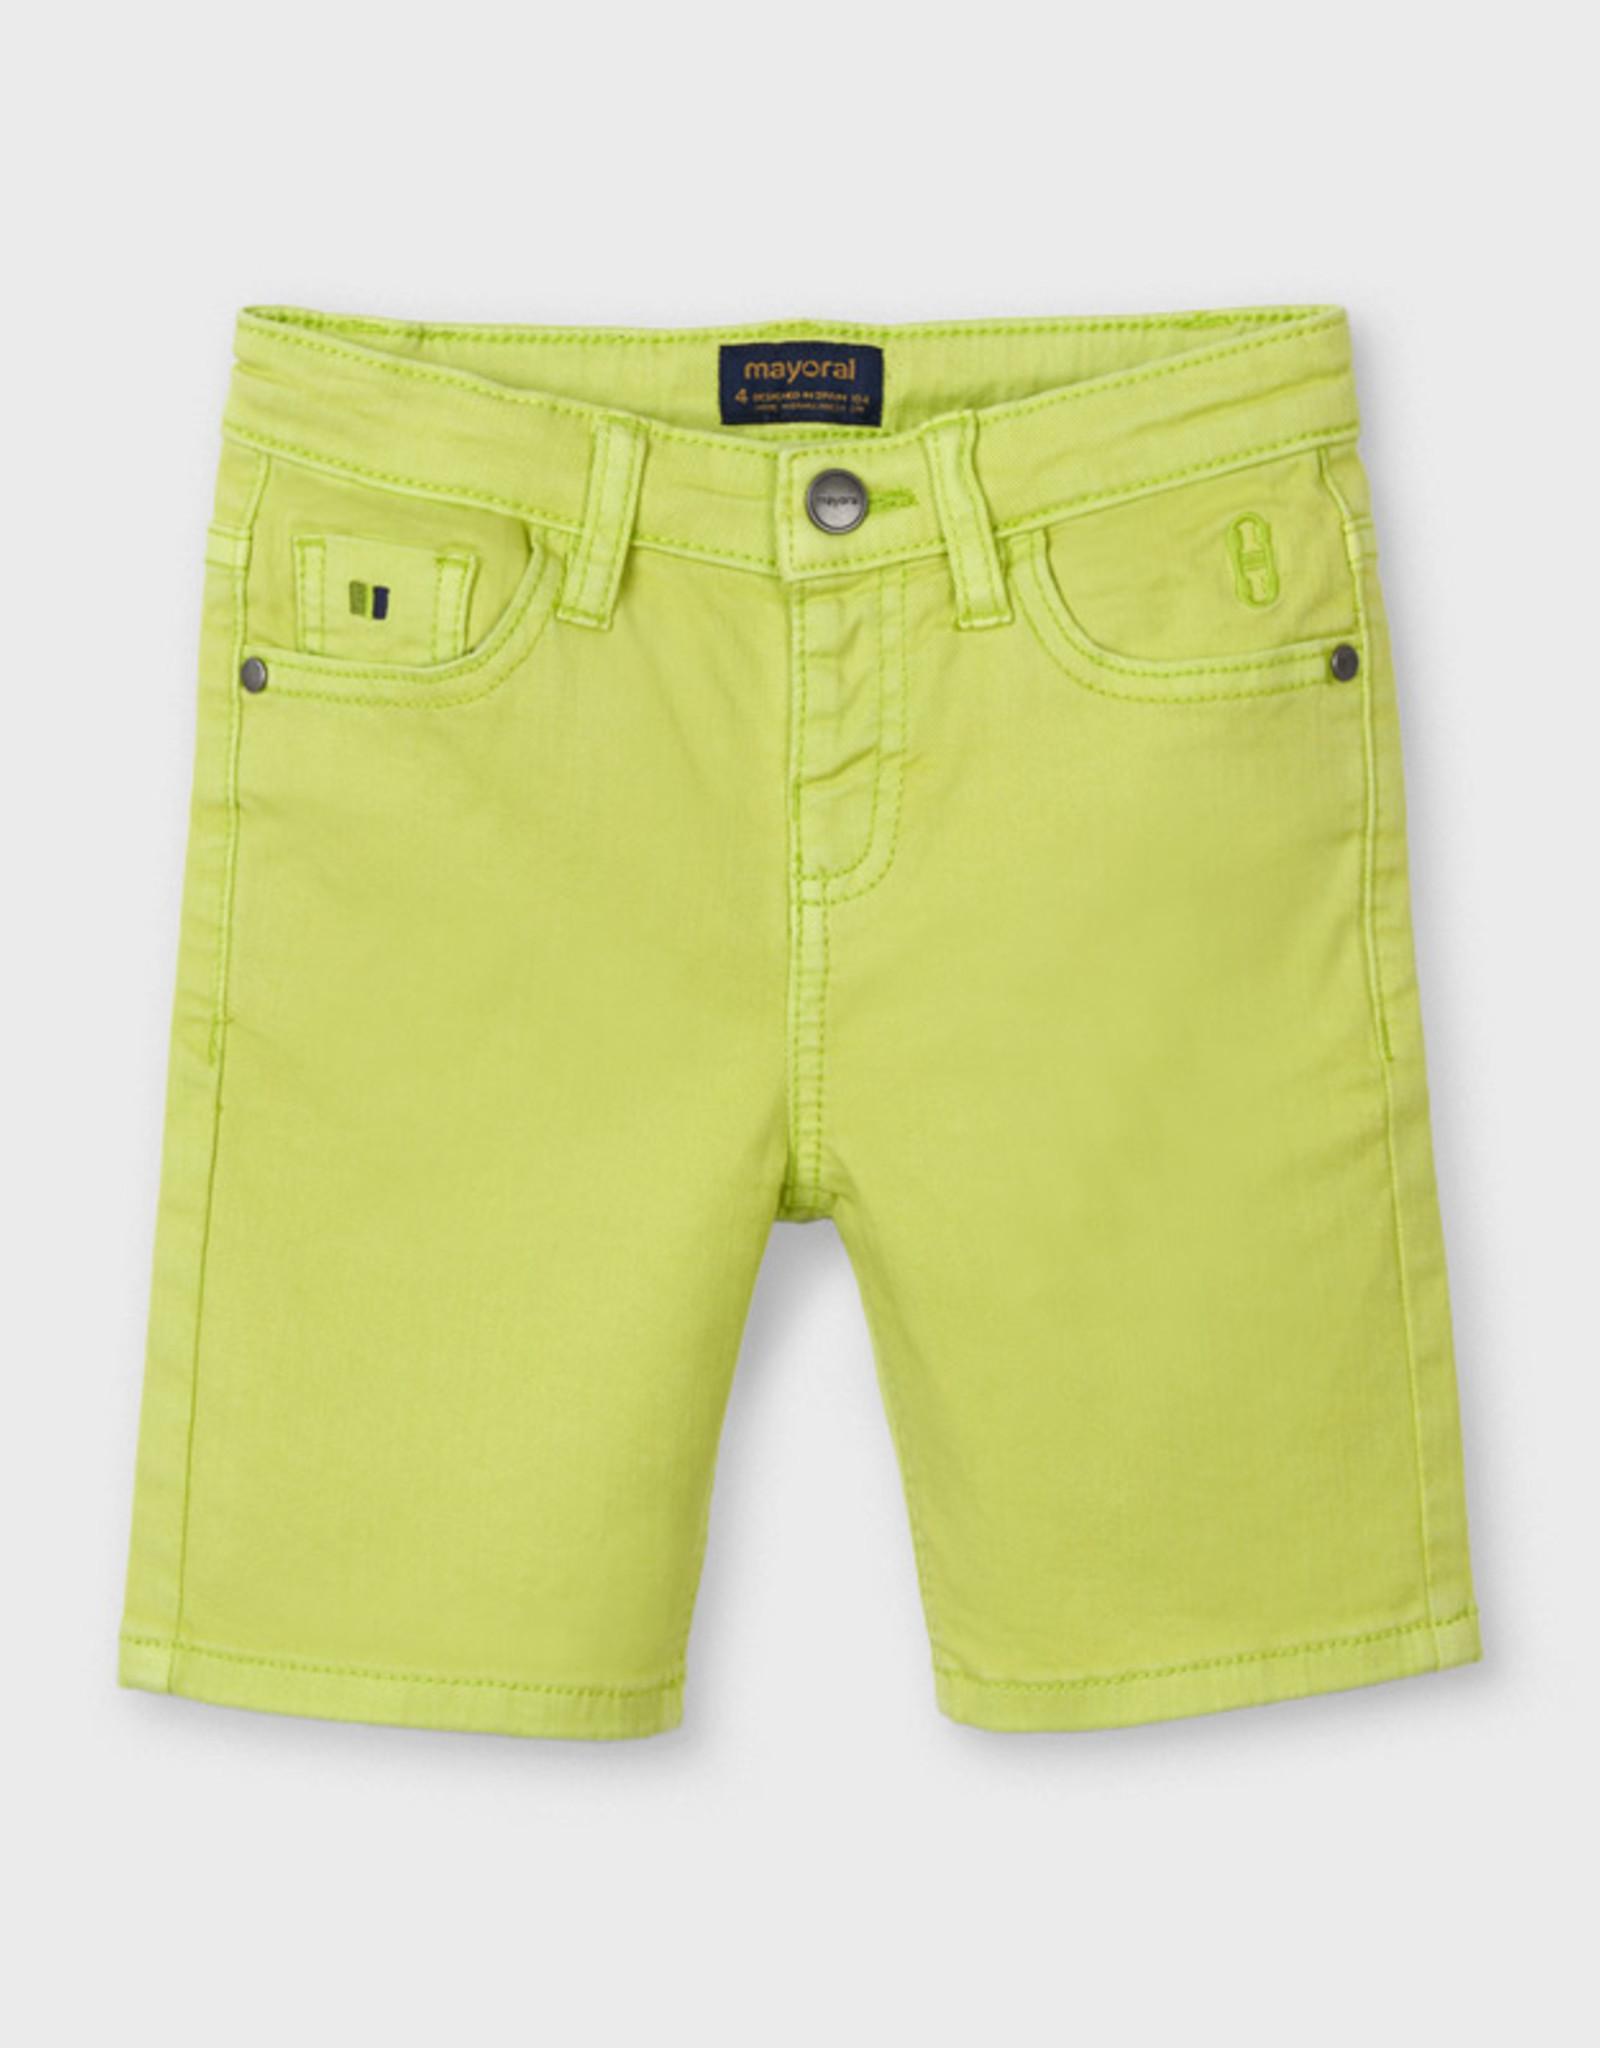 Mayoral Lemongrass short